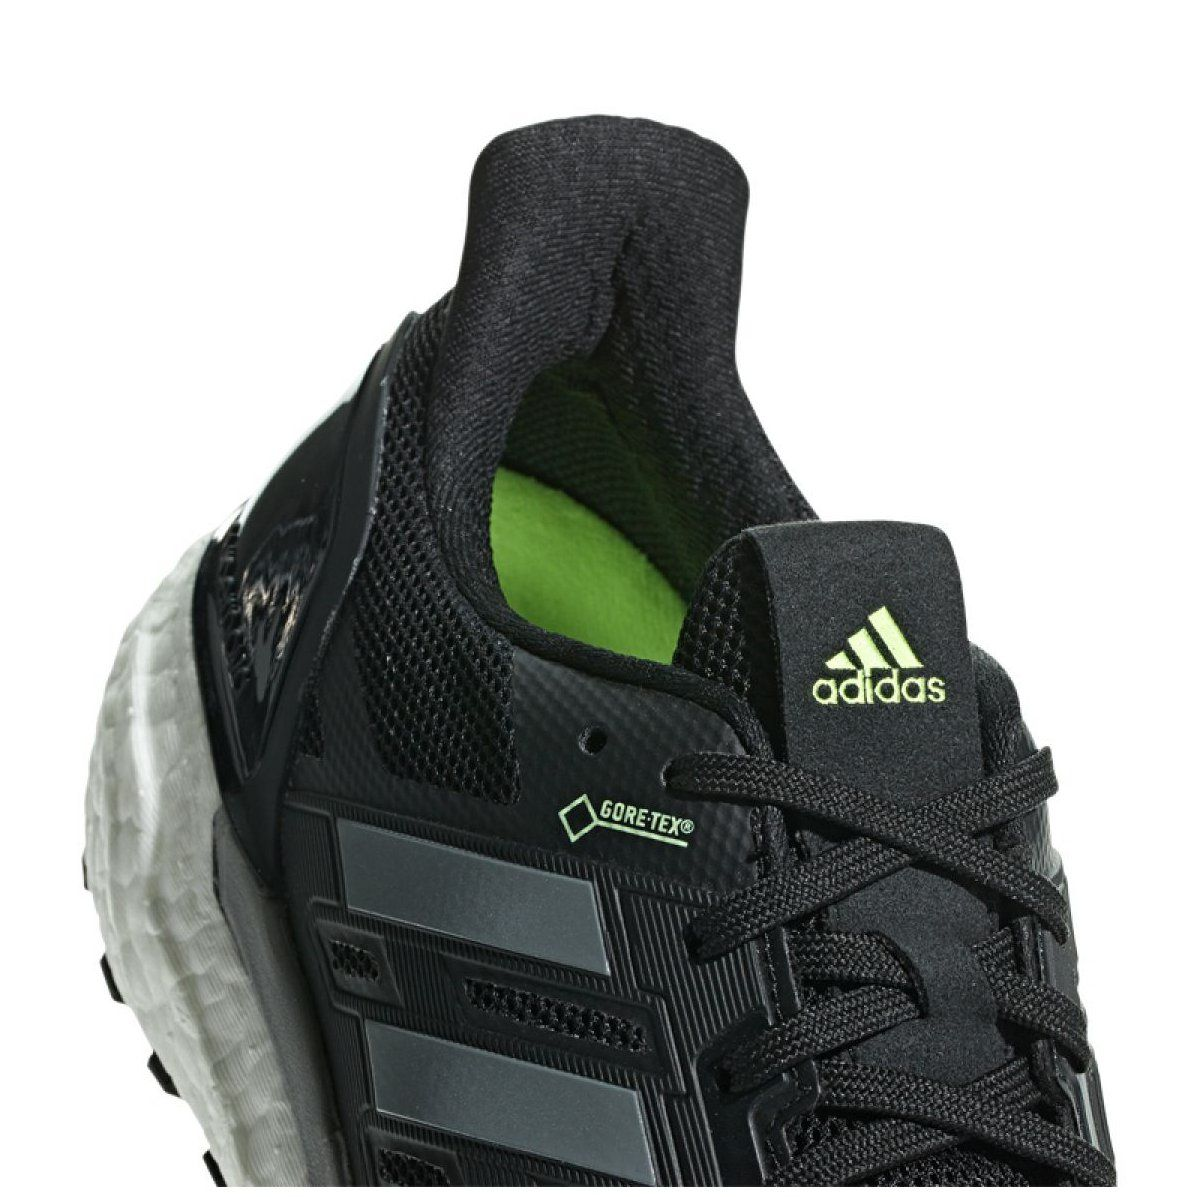 Adidas Supernova Gtx M B96282 shoes black | Adidas supernova